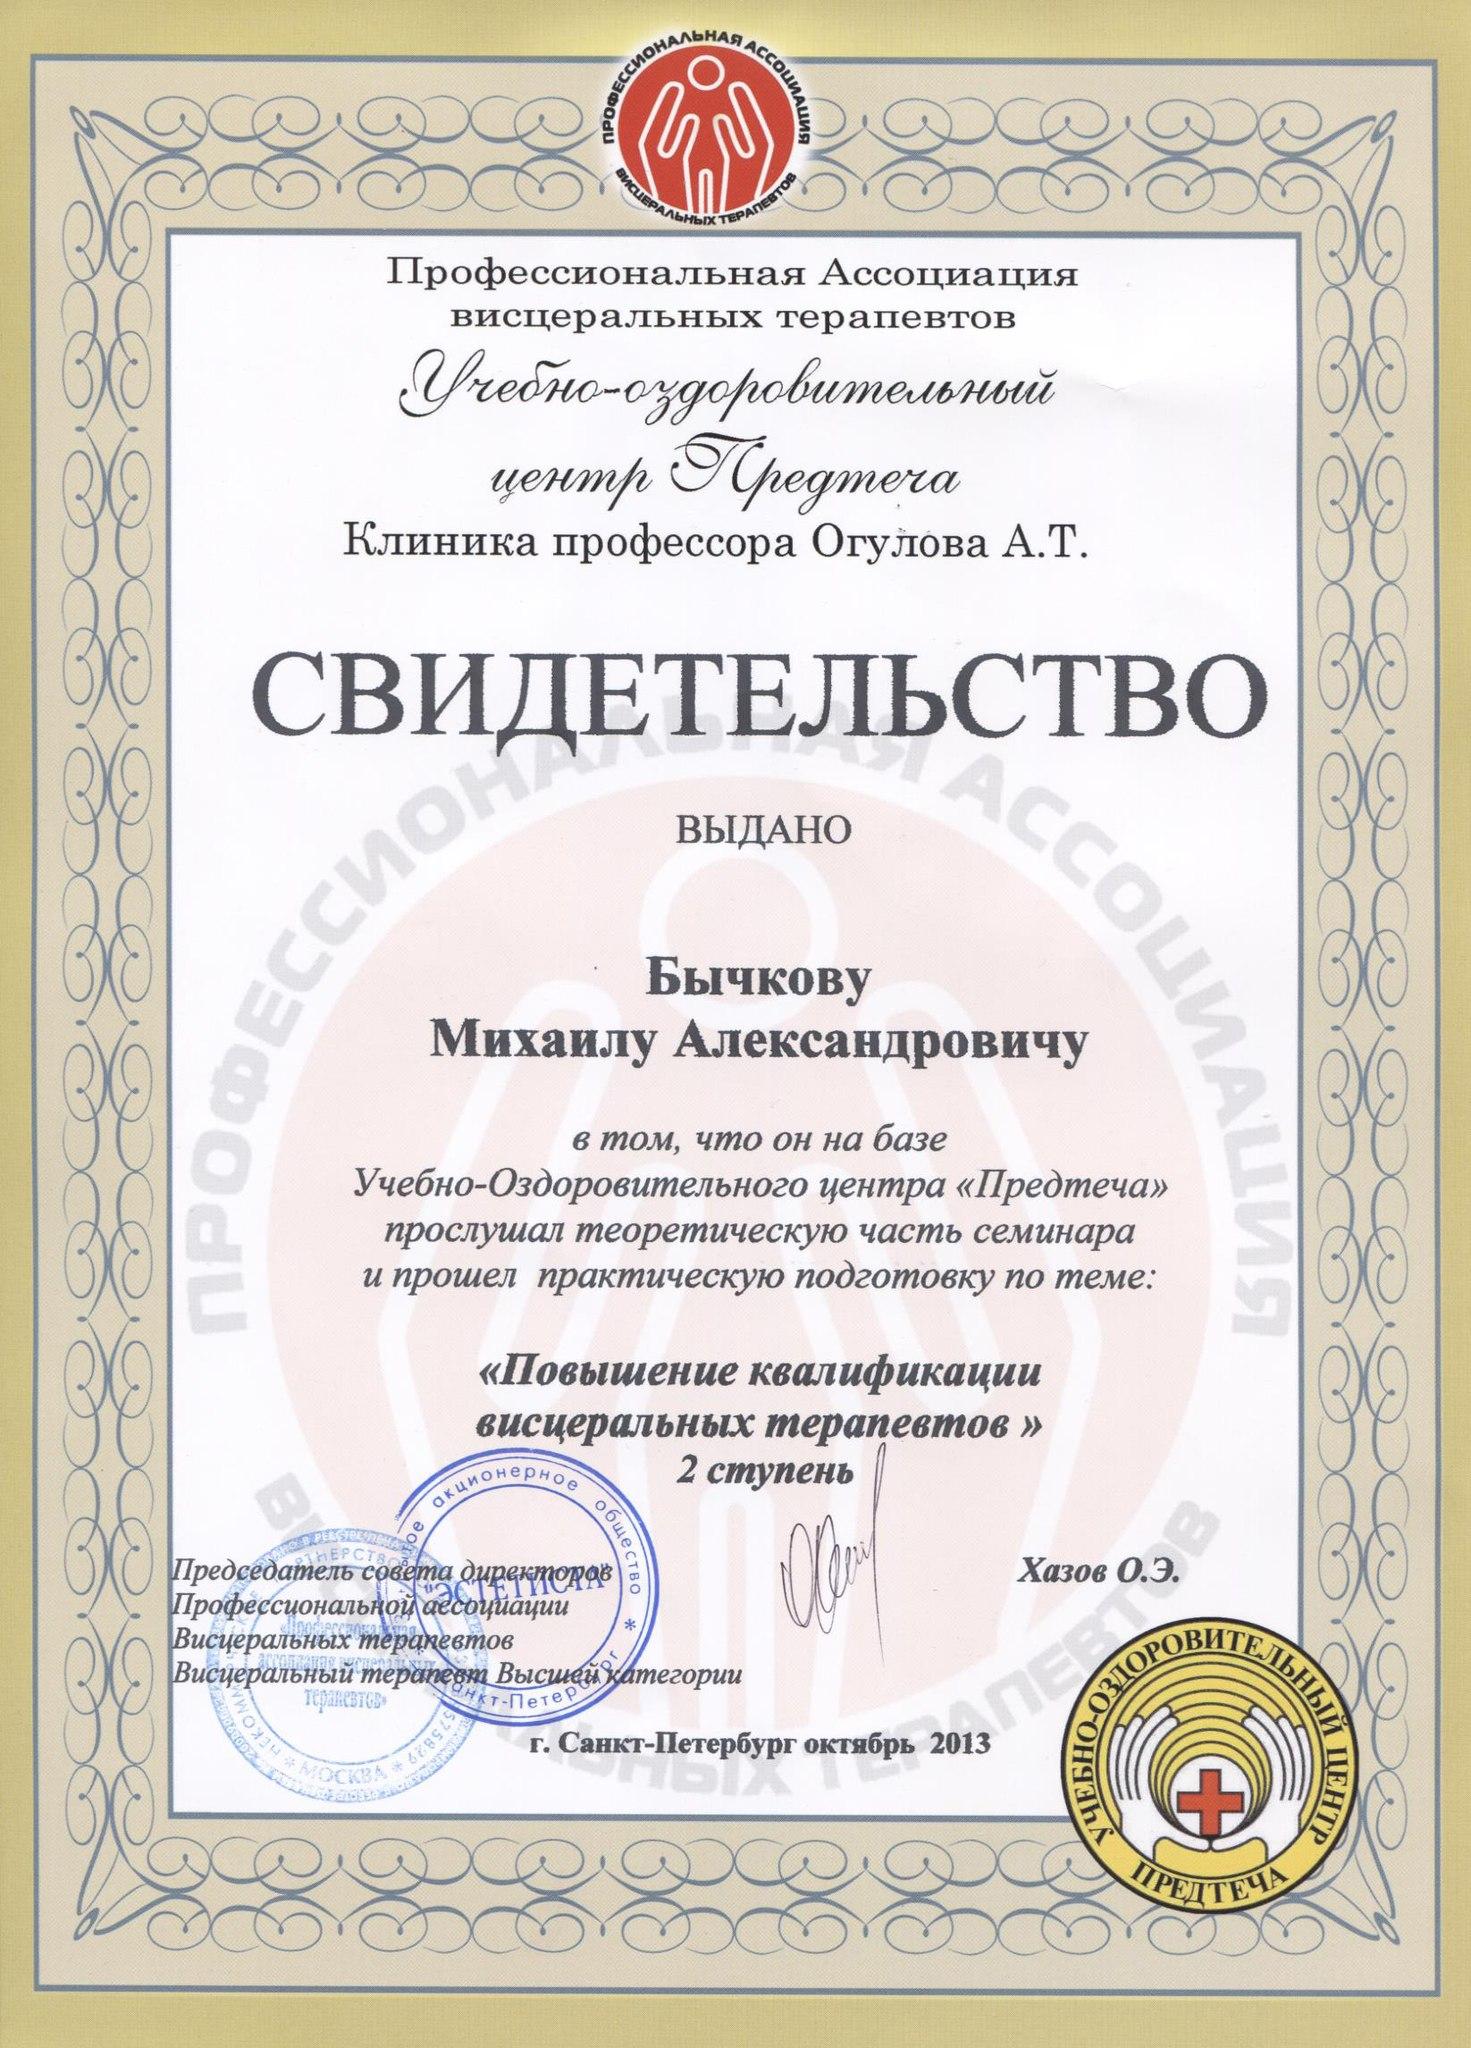 Повышение квалификации (висцеральная терапия)